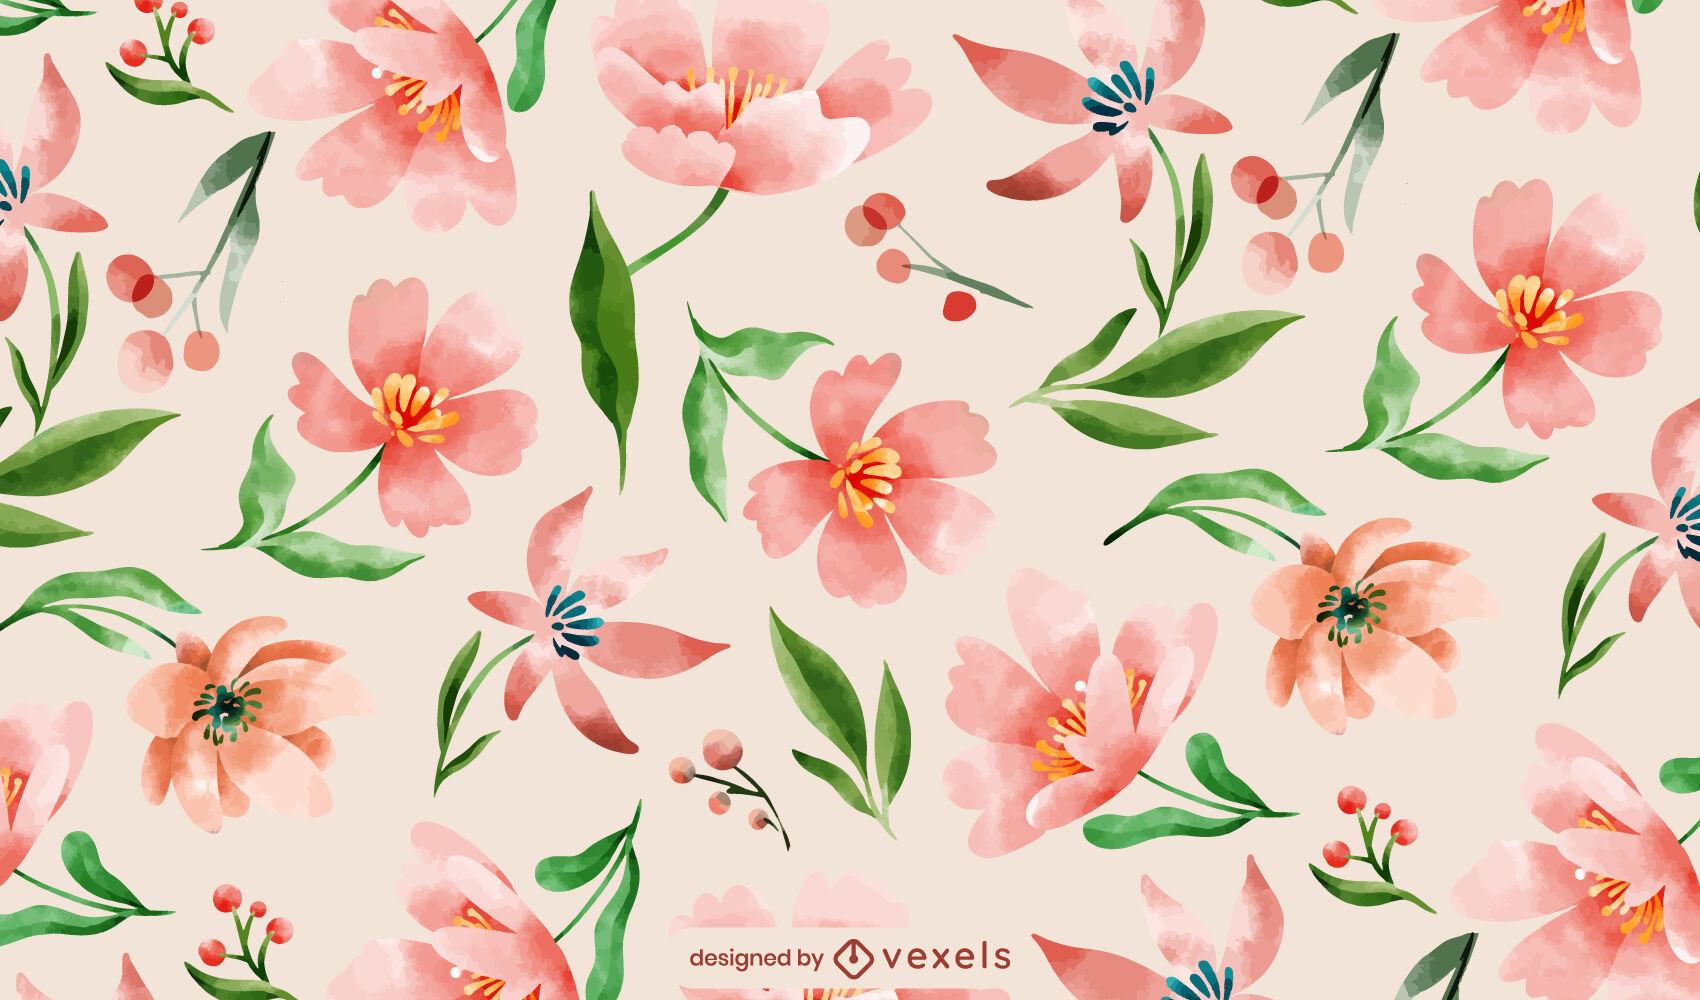 Diseño de patrón de flores de color rosa acuarela